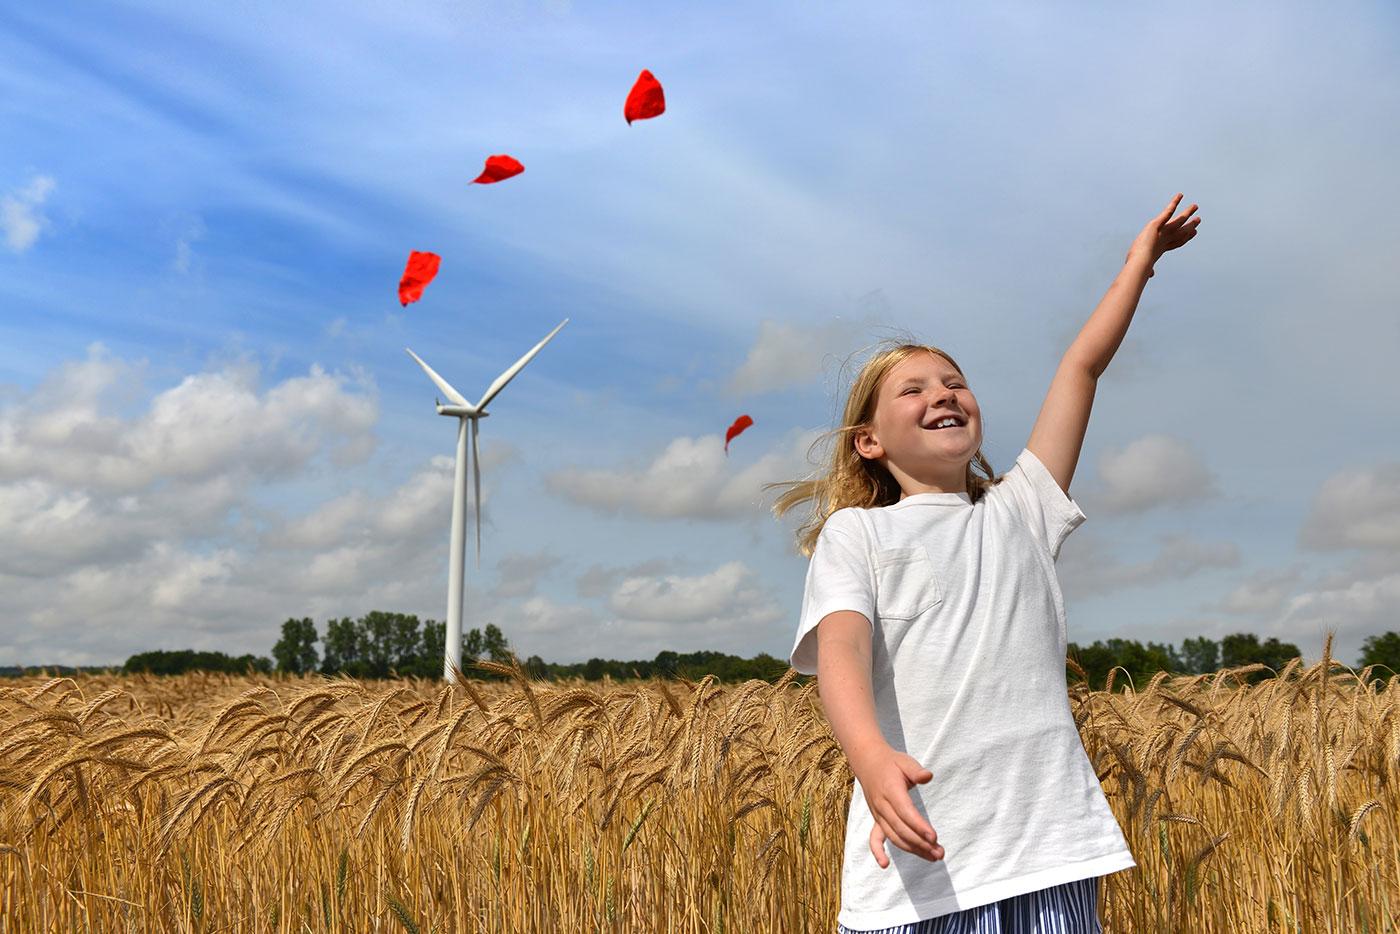 Foto af en pige, der løber og leger udendørs med vindmølle i baggrunden